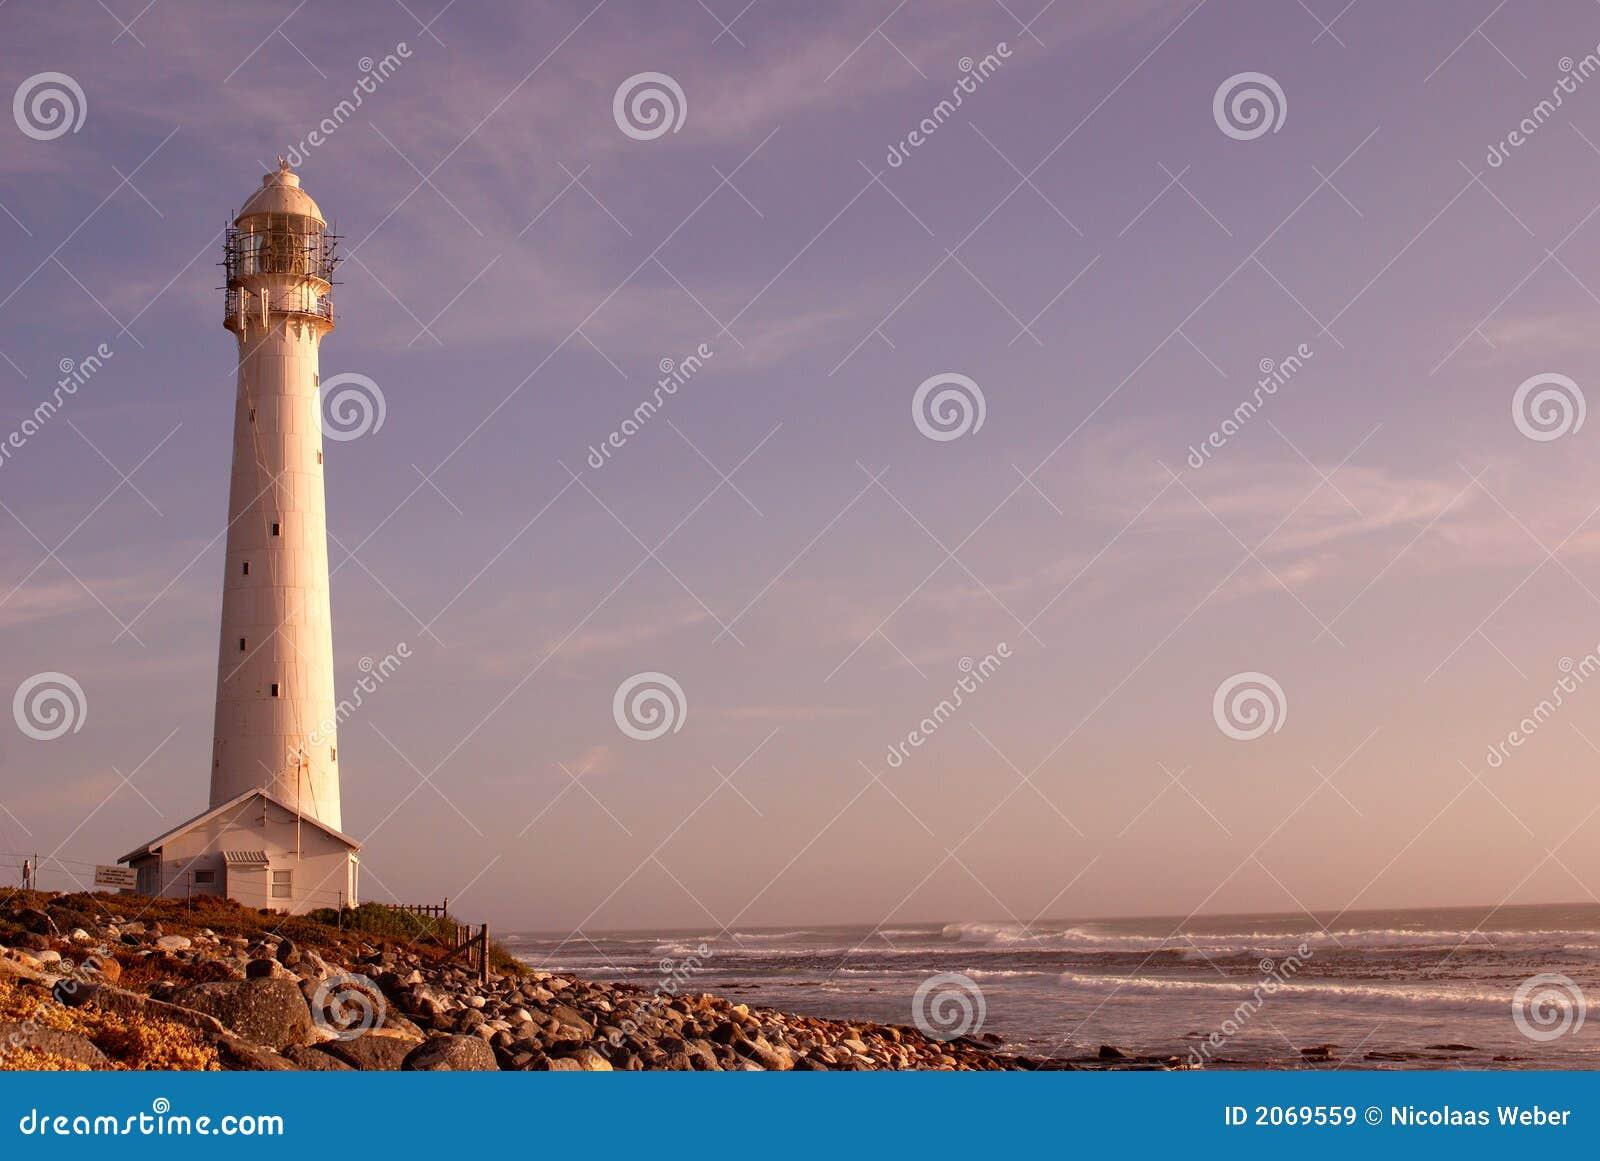 Slangkop маяка